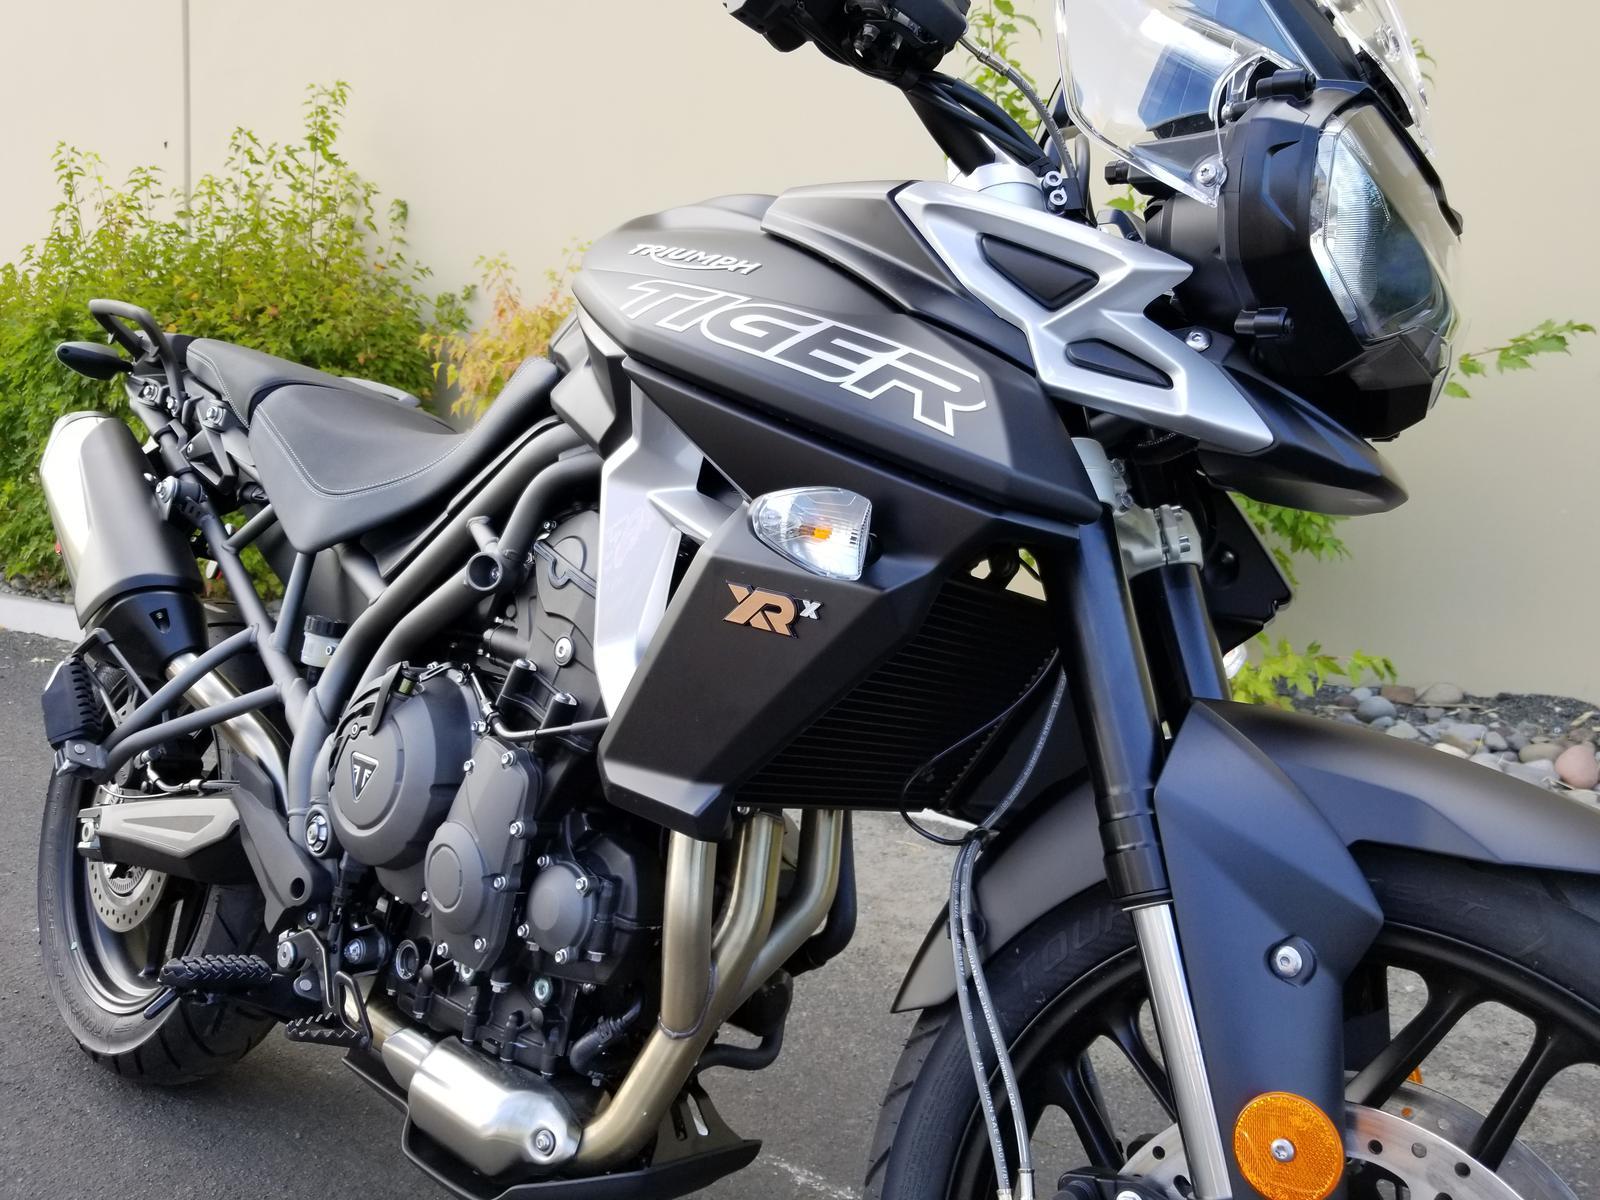 2018 Triumph Tiger 800 Xrx For Sale In Reno Nv Euro Cycle Reno